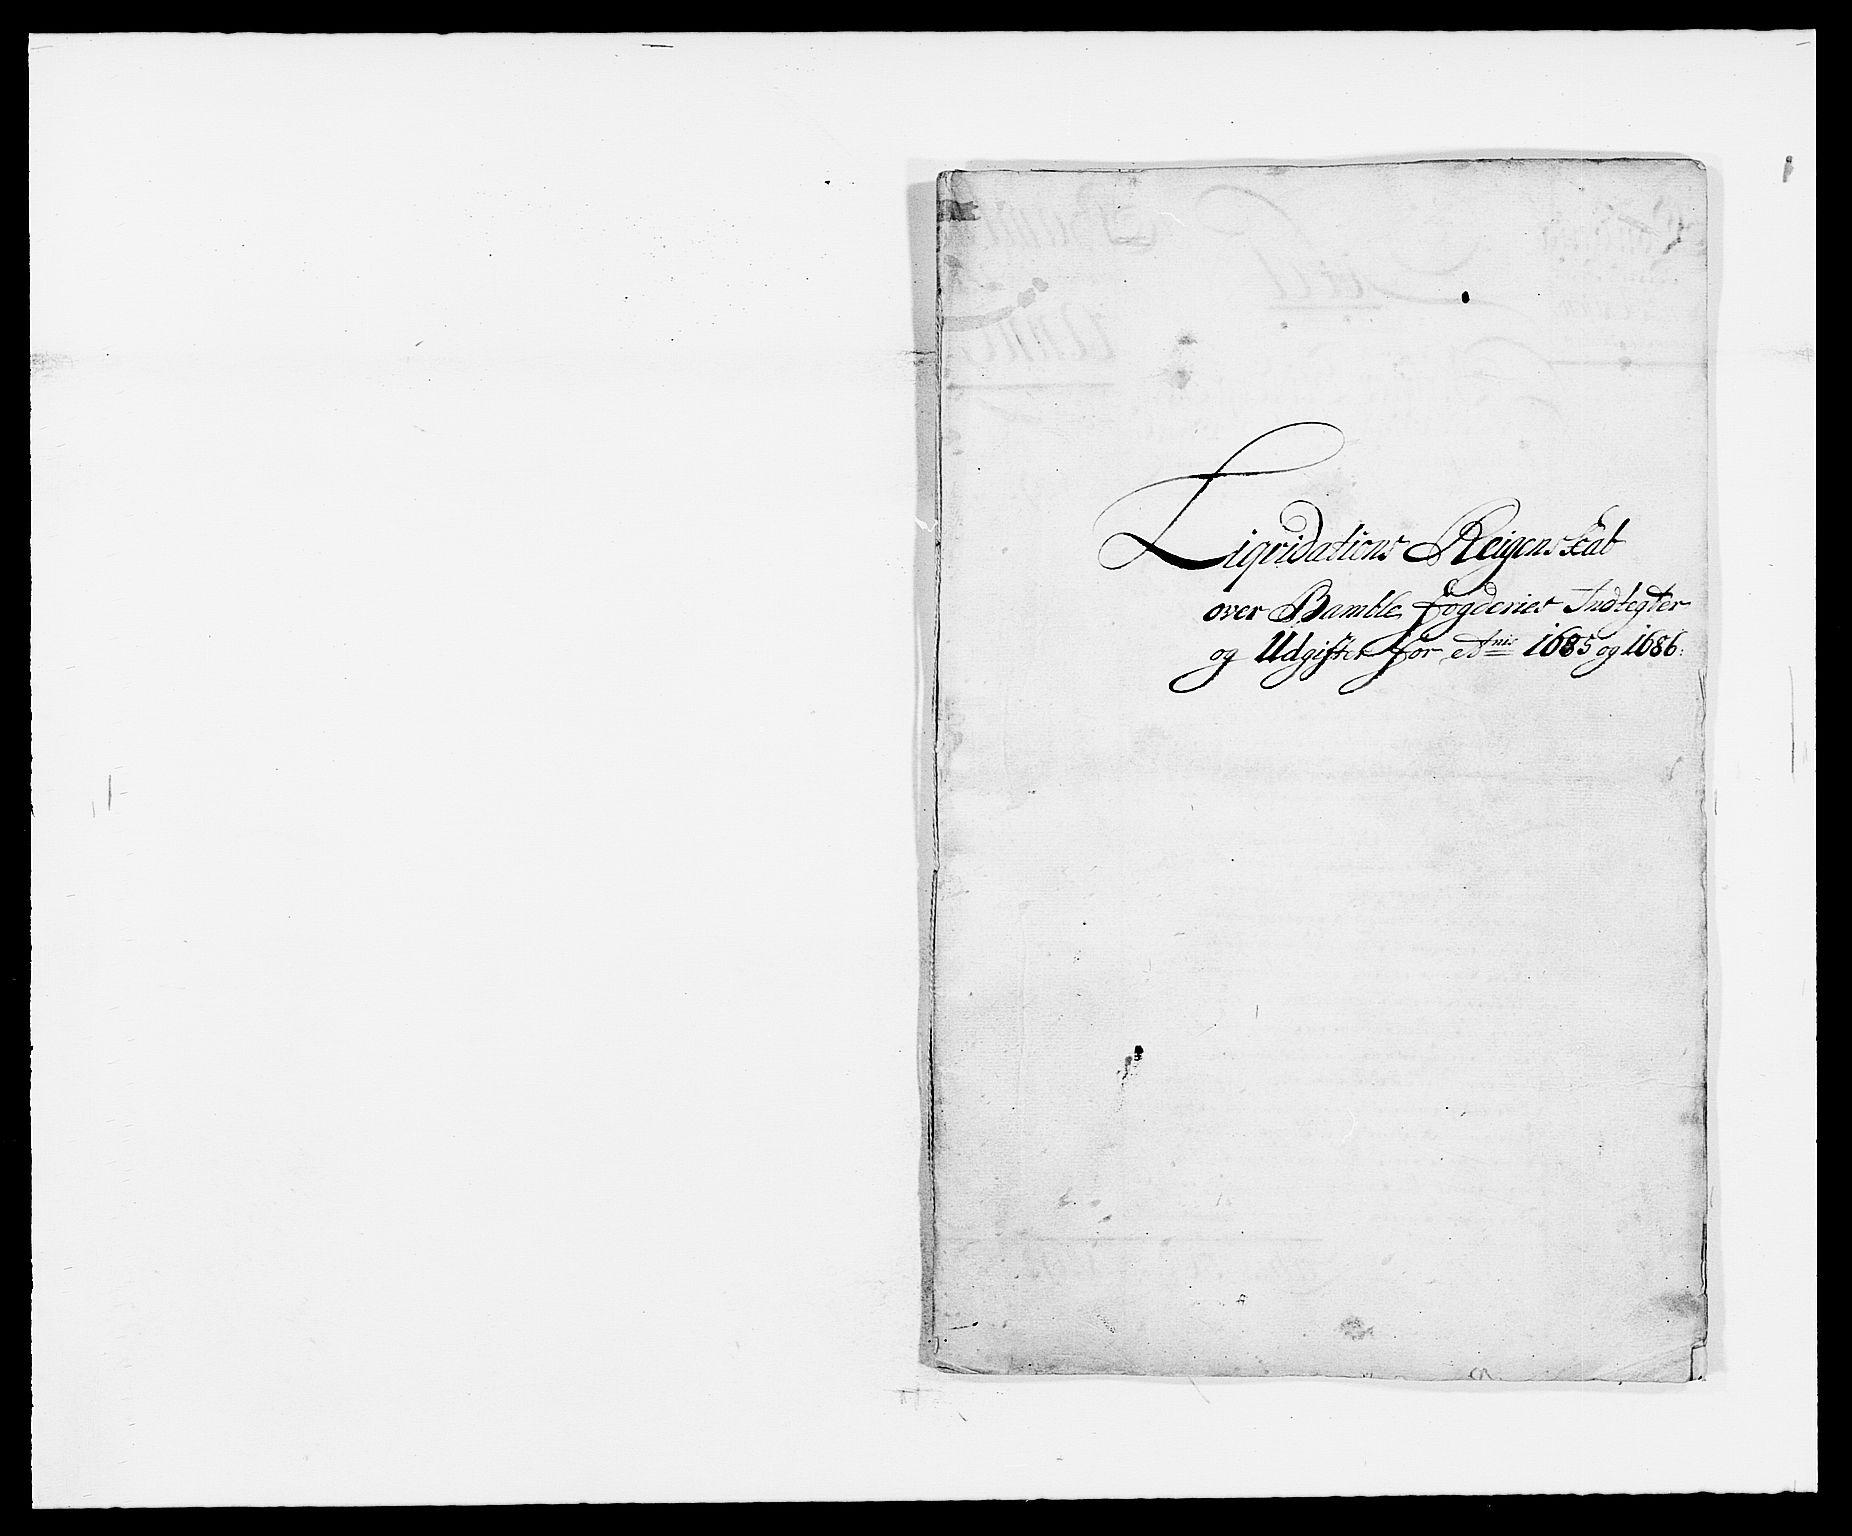 RA, Rentekammeret inntil 1814, Reviderte regnskaper, Fogderegnskap, R34/L2048: Fogderegnskap Bamble, 1685-1687, s. 23